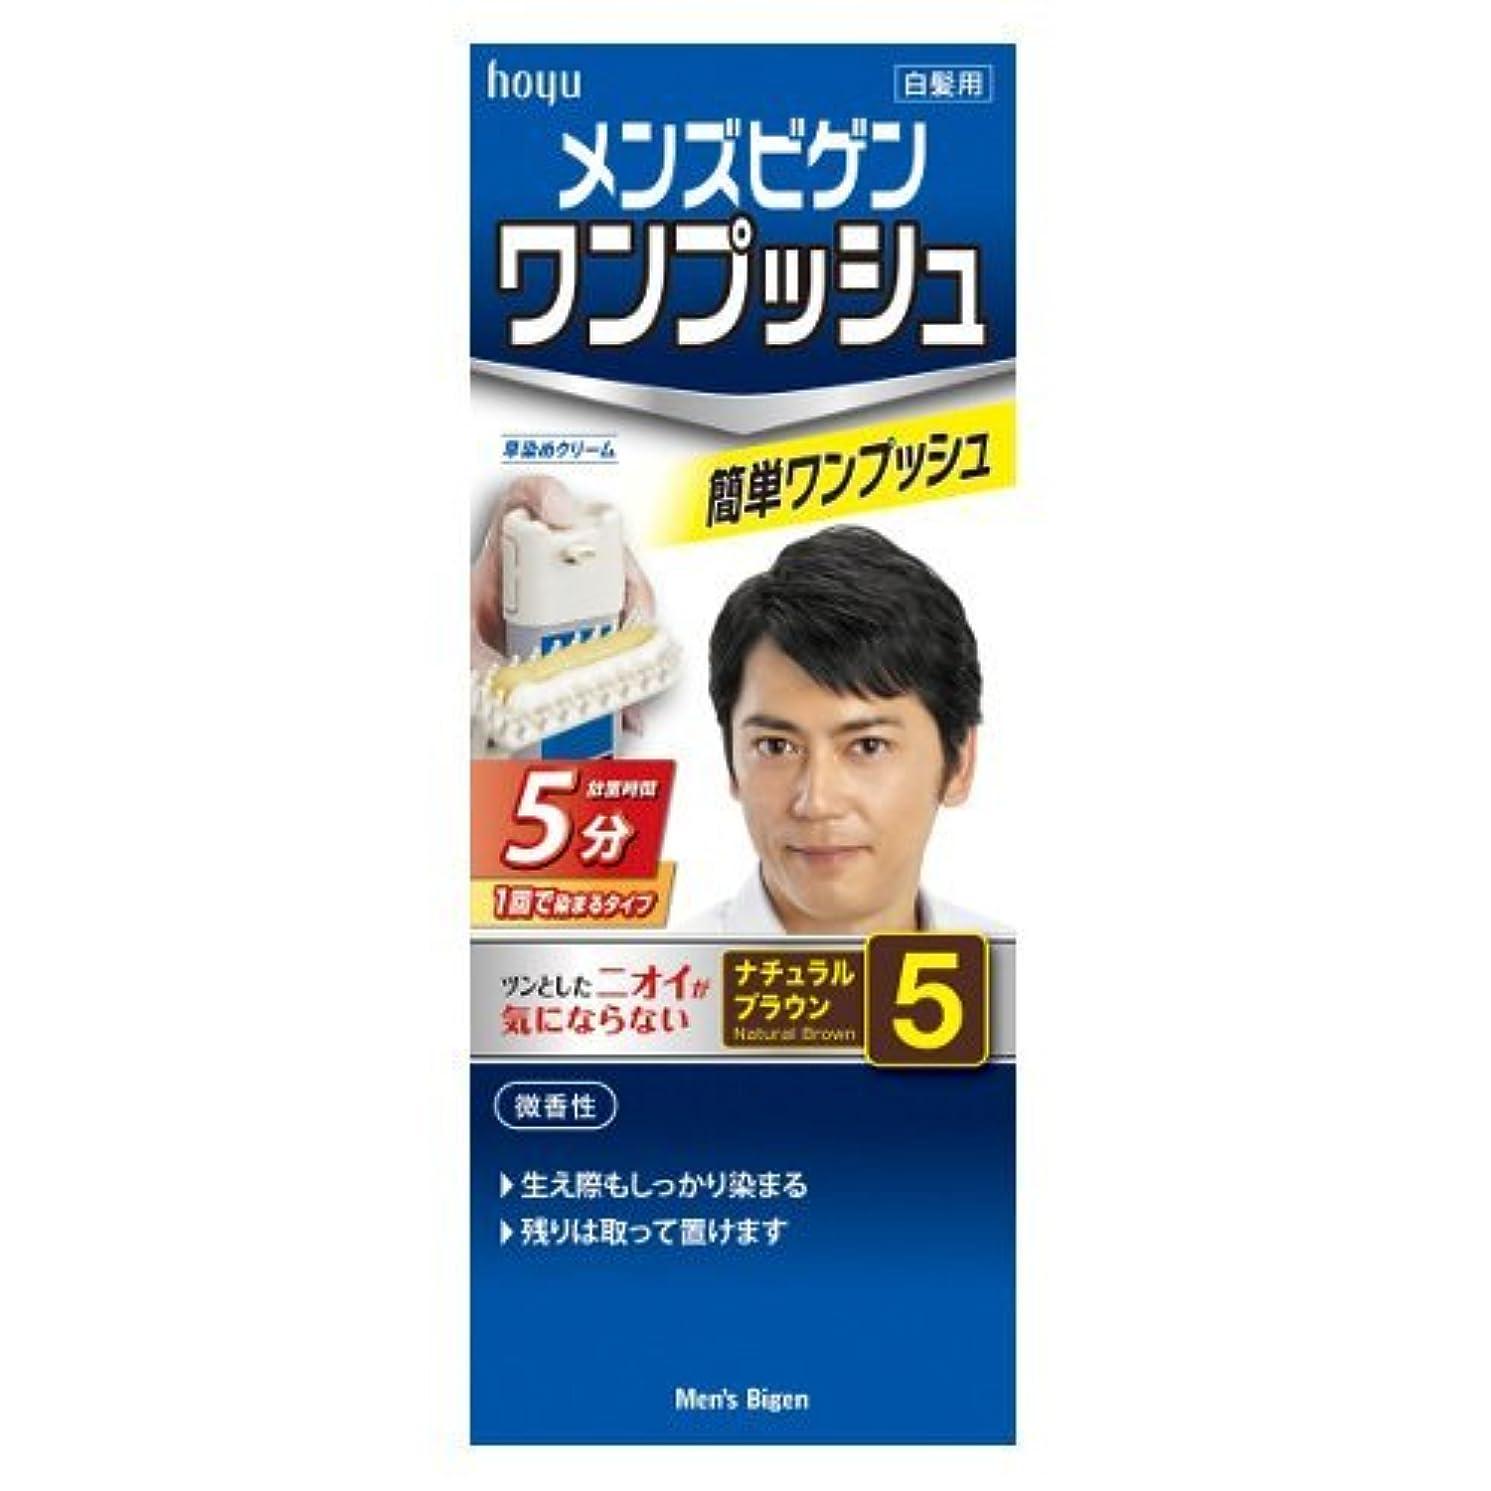 に慣れ柔らかいお世話になったメンズビゲン ワンプッシュ 5 ナチュラルブラウン 40g+40g[医薬部外品]